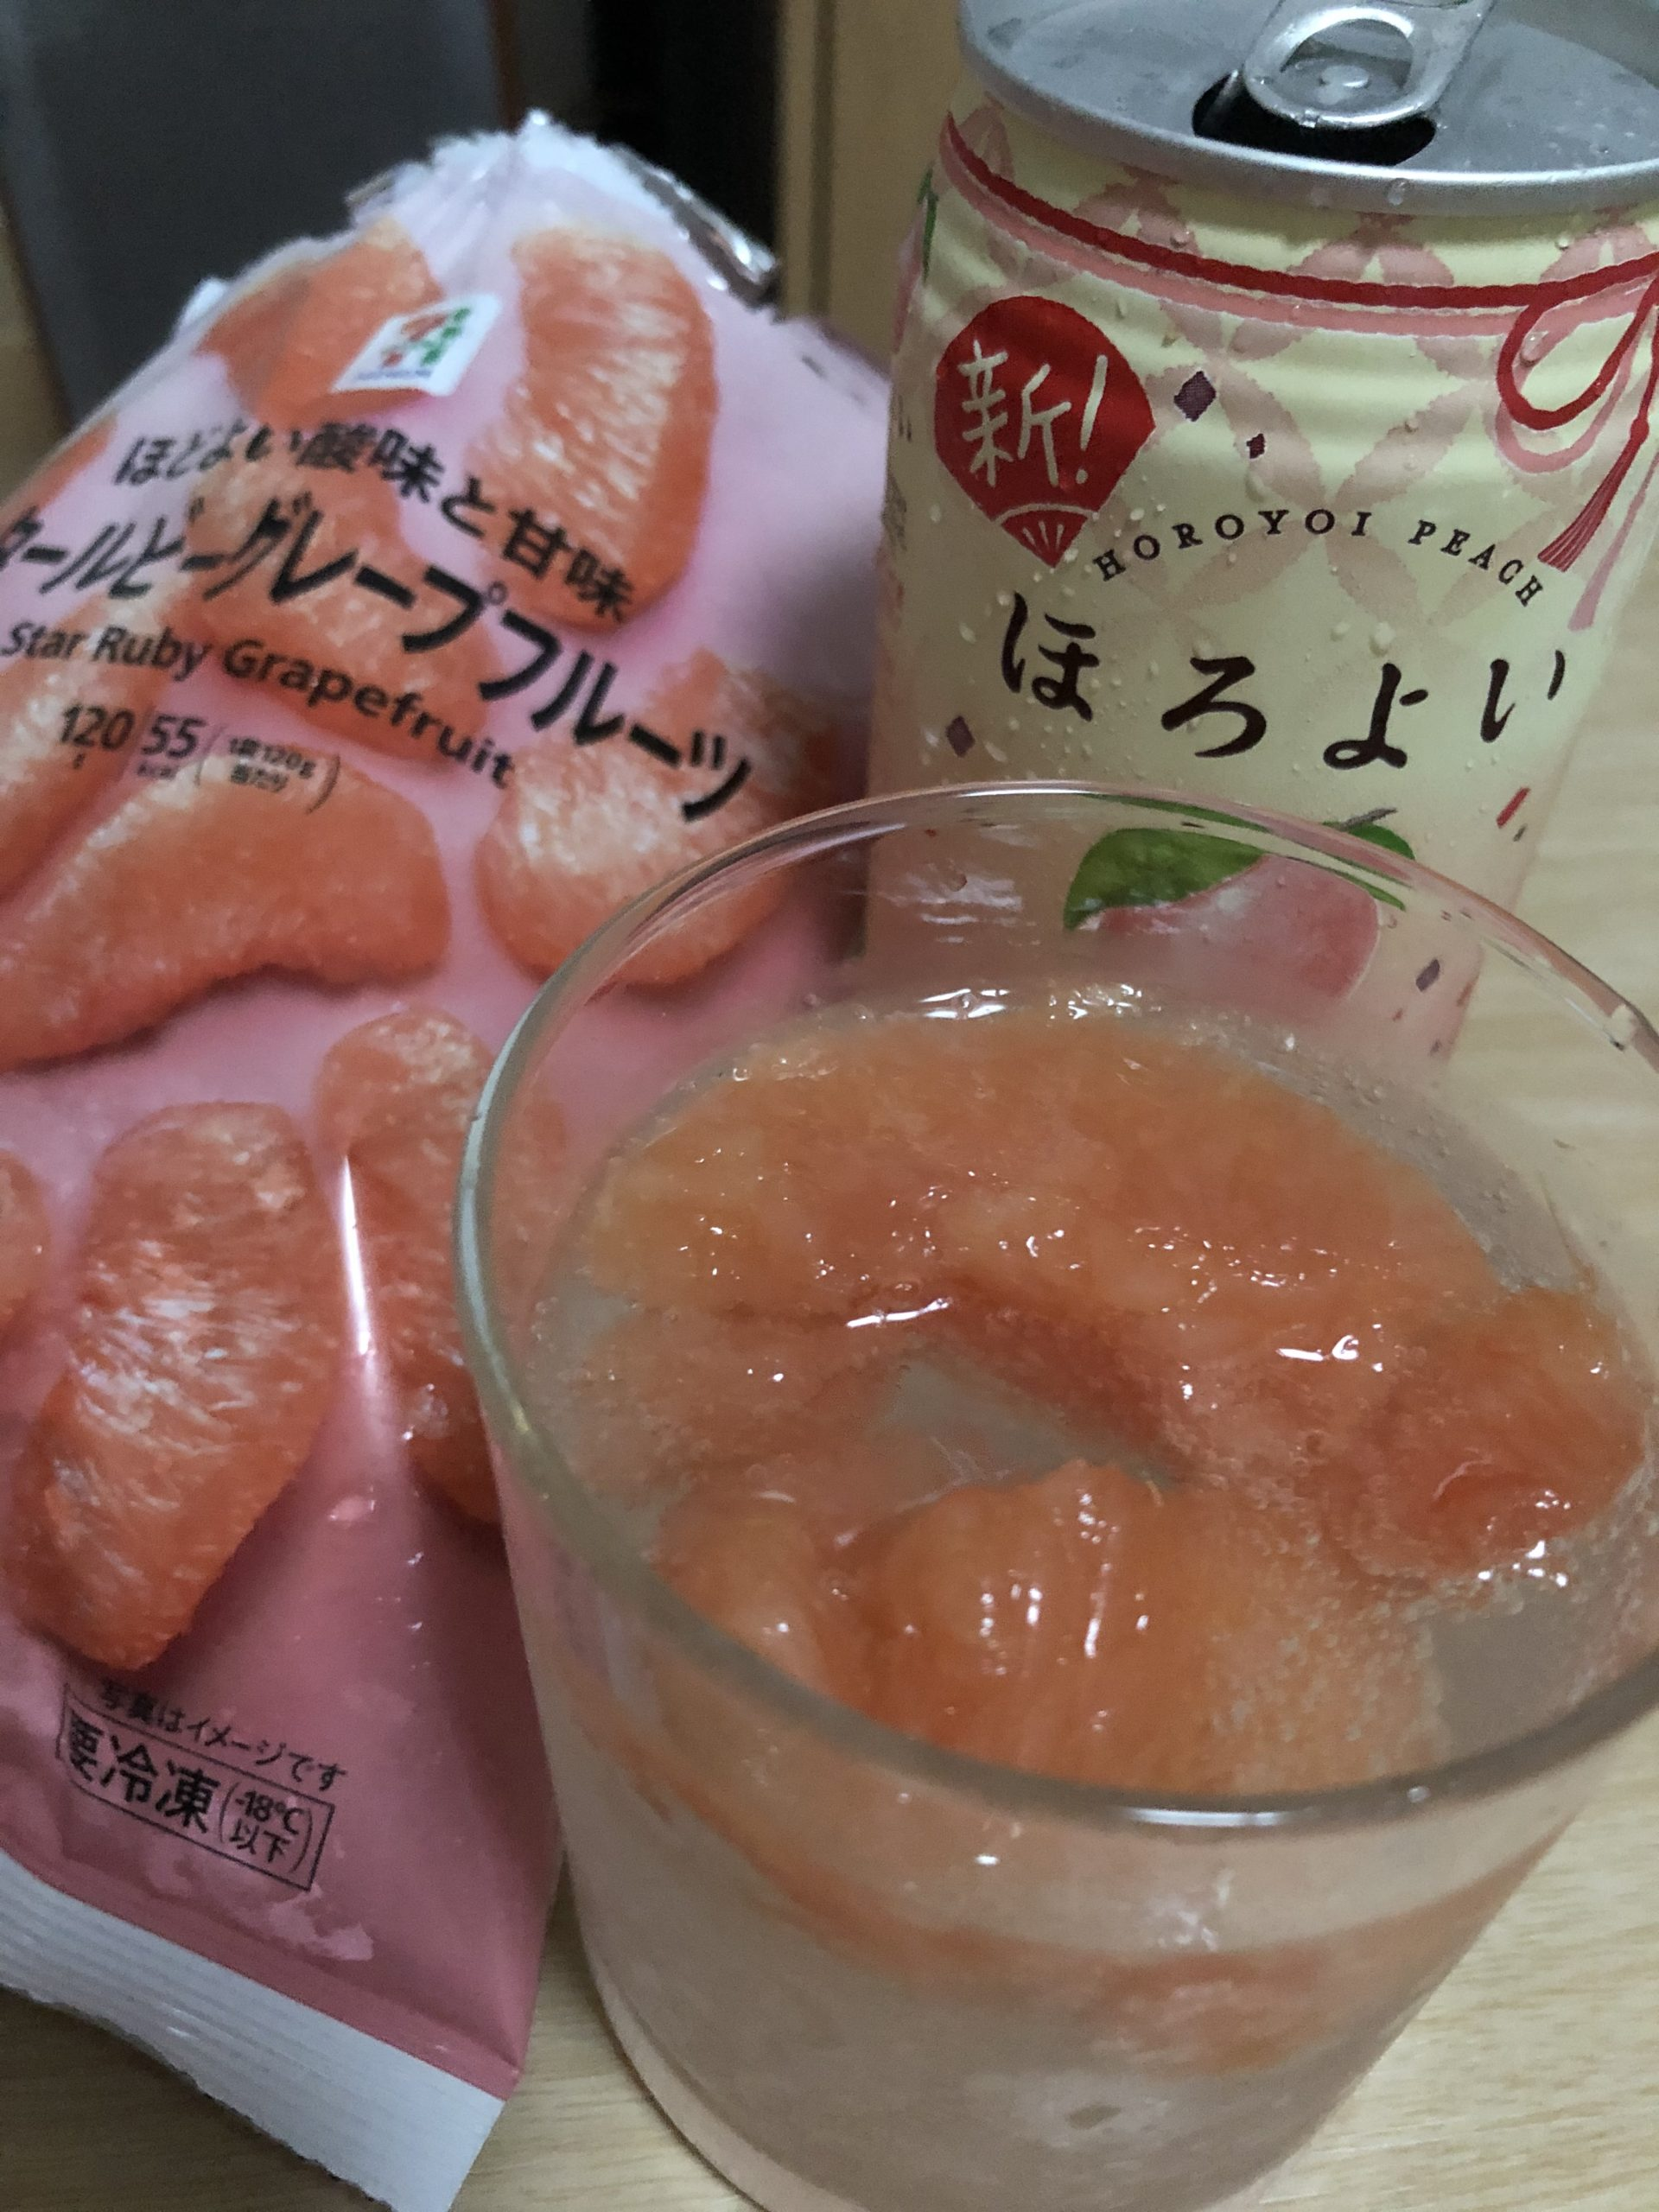 ほろよい×グレープフルーツの特製さっぱりジュース